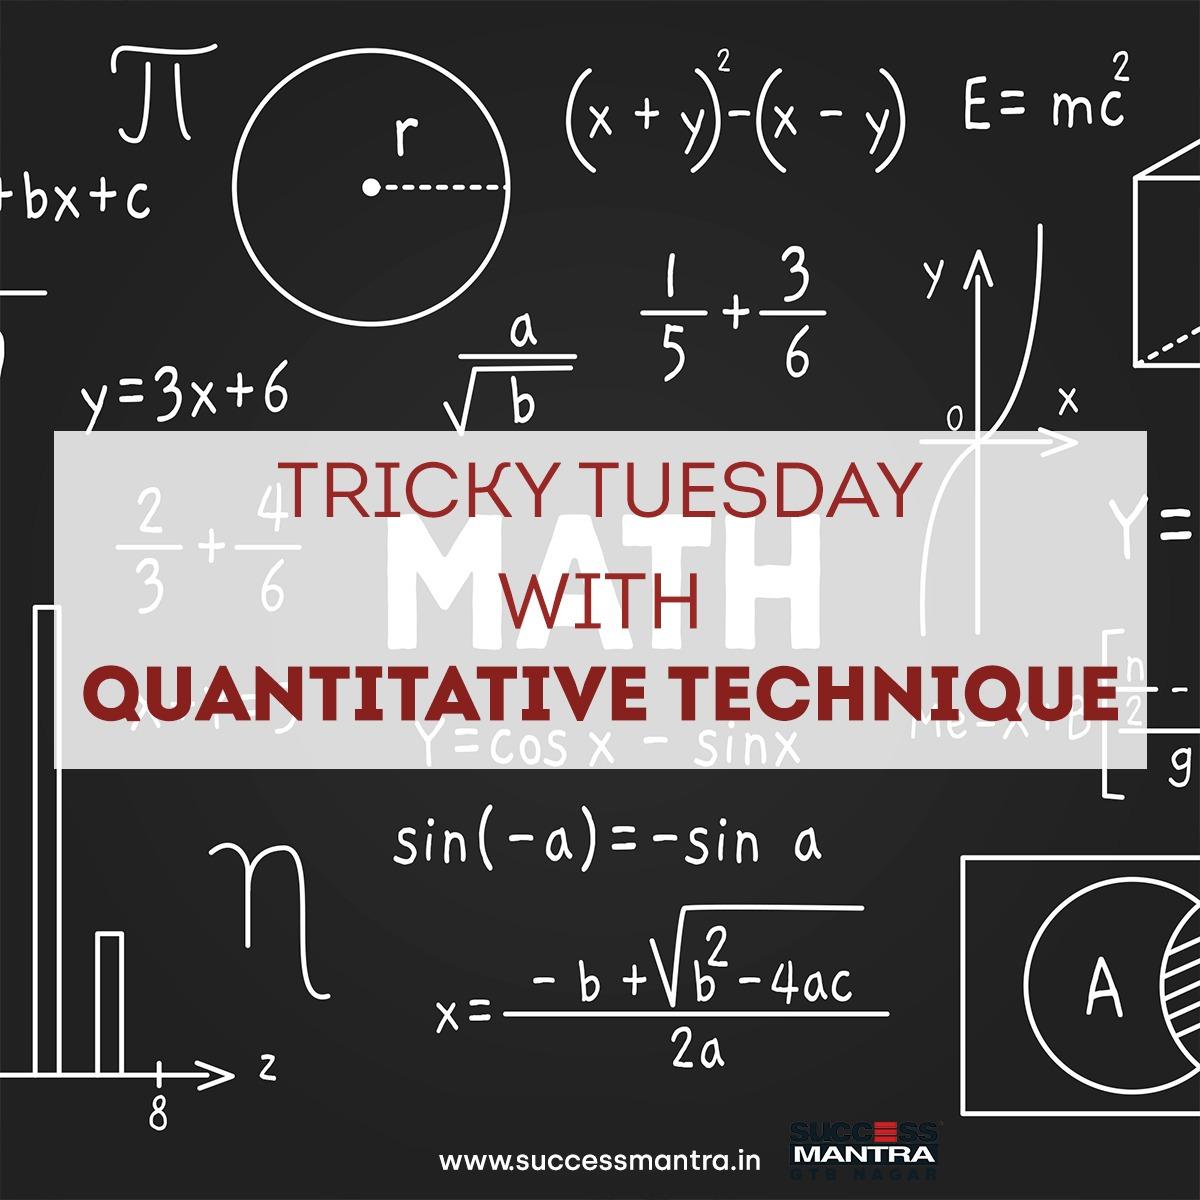 Questions On Quantitative Techniques SMQTQ025